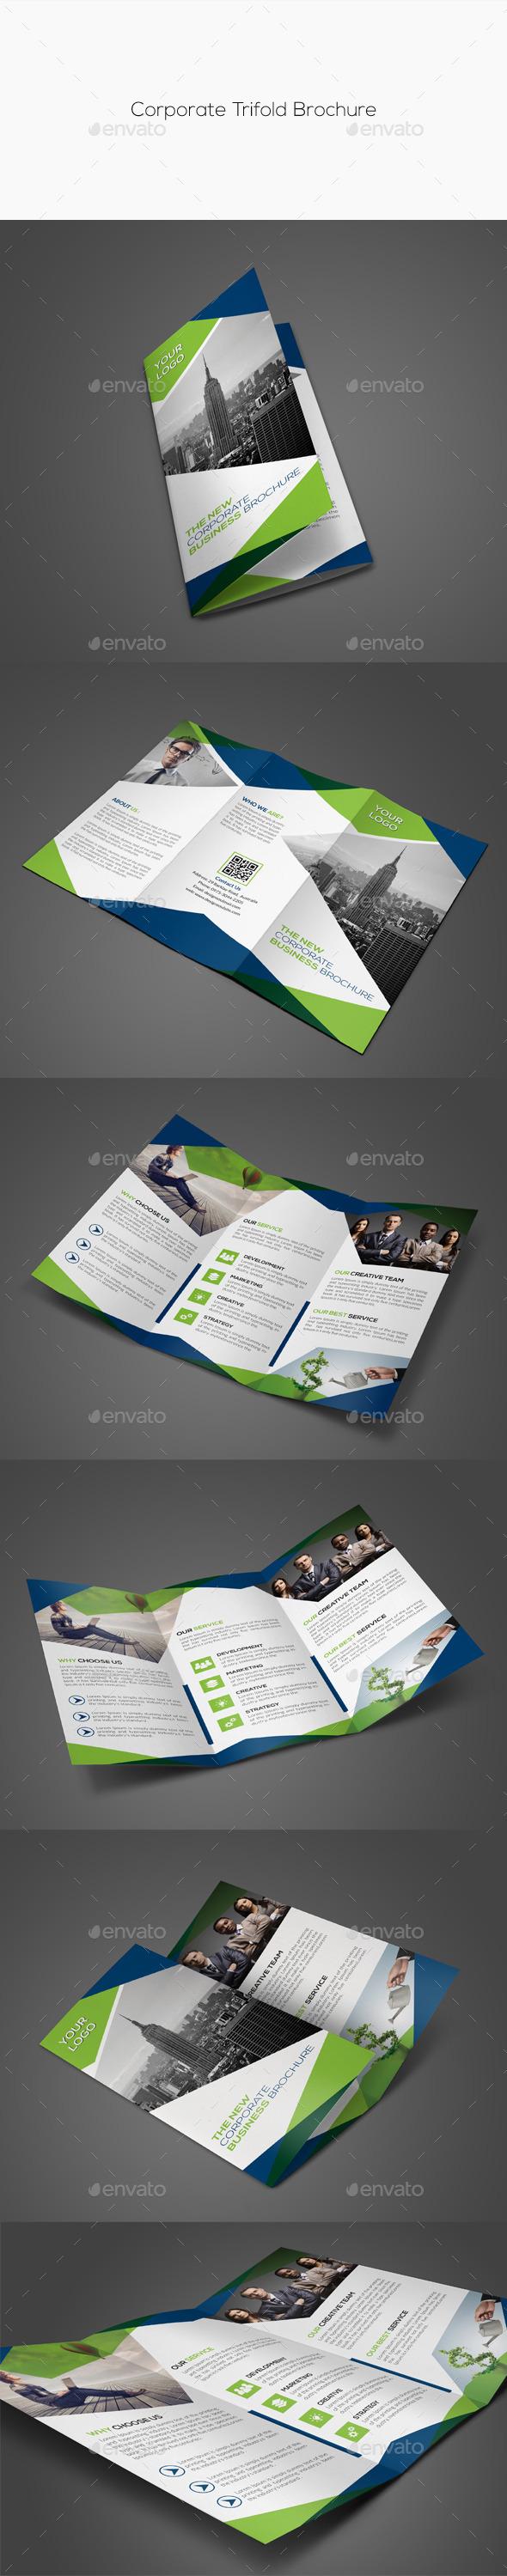 GraphicRiver Corporate Trifold Brochure 11949189